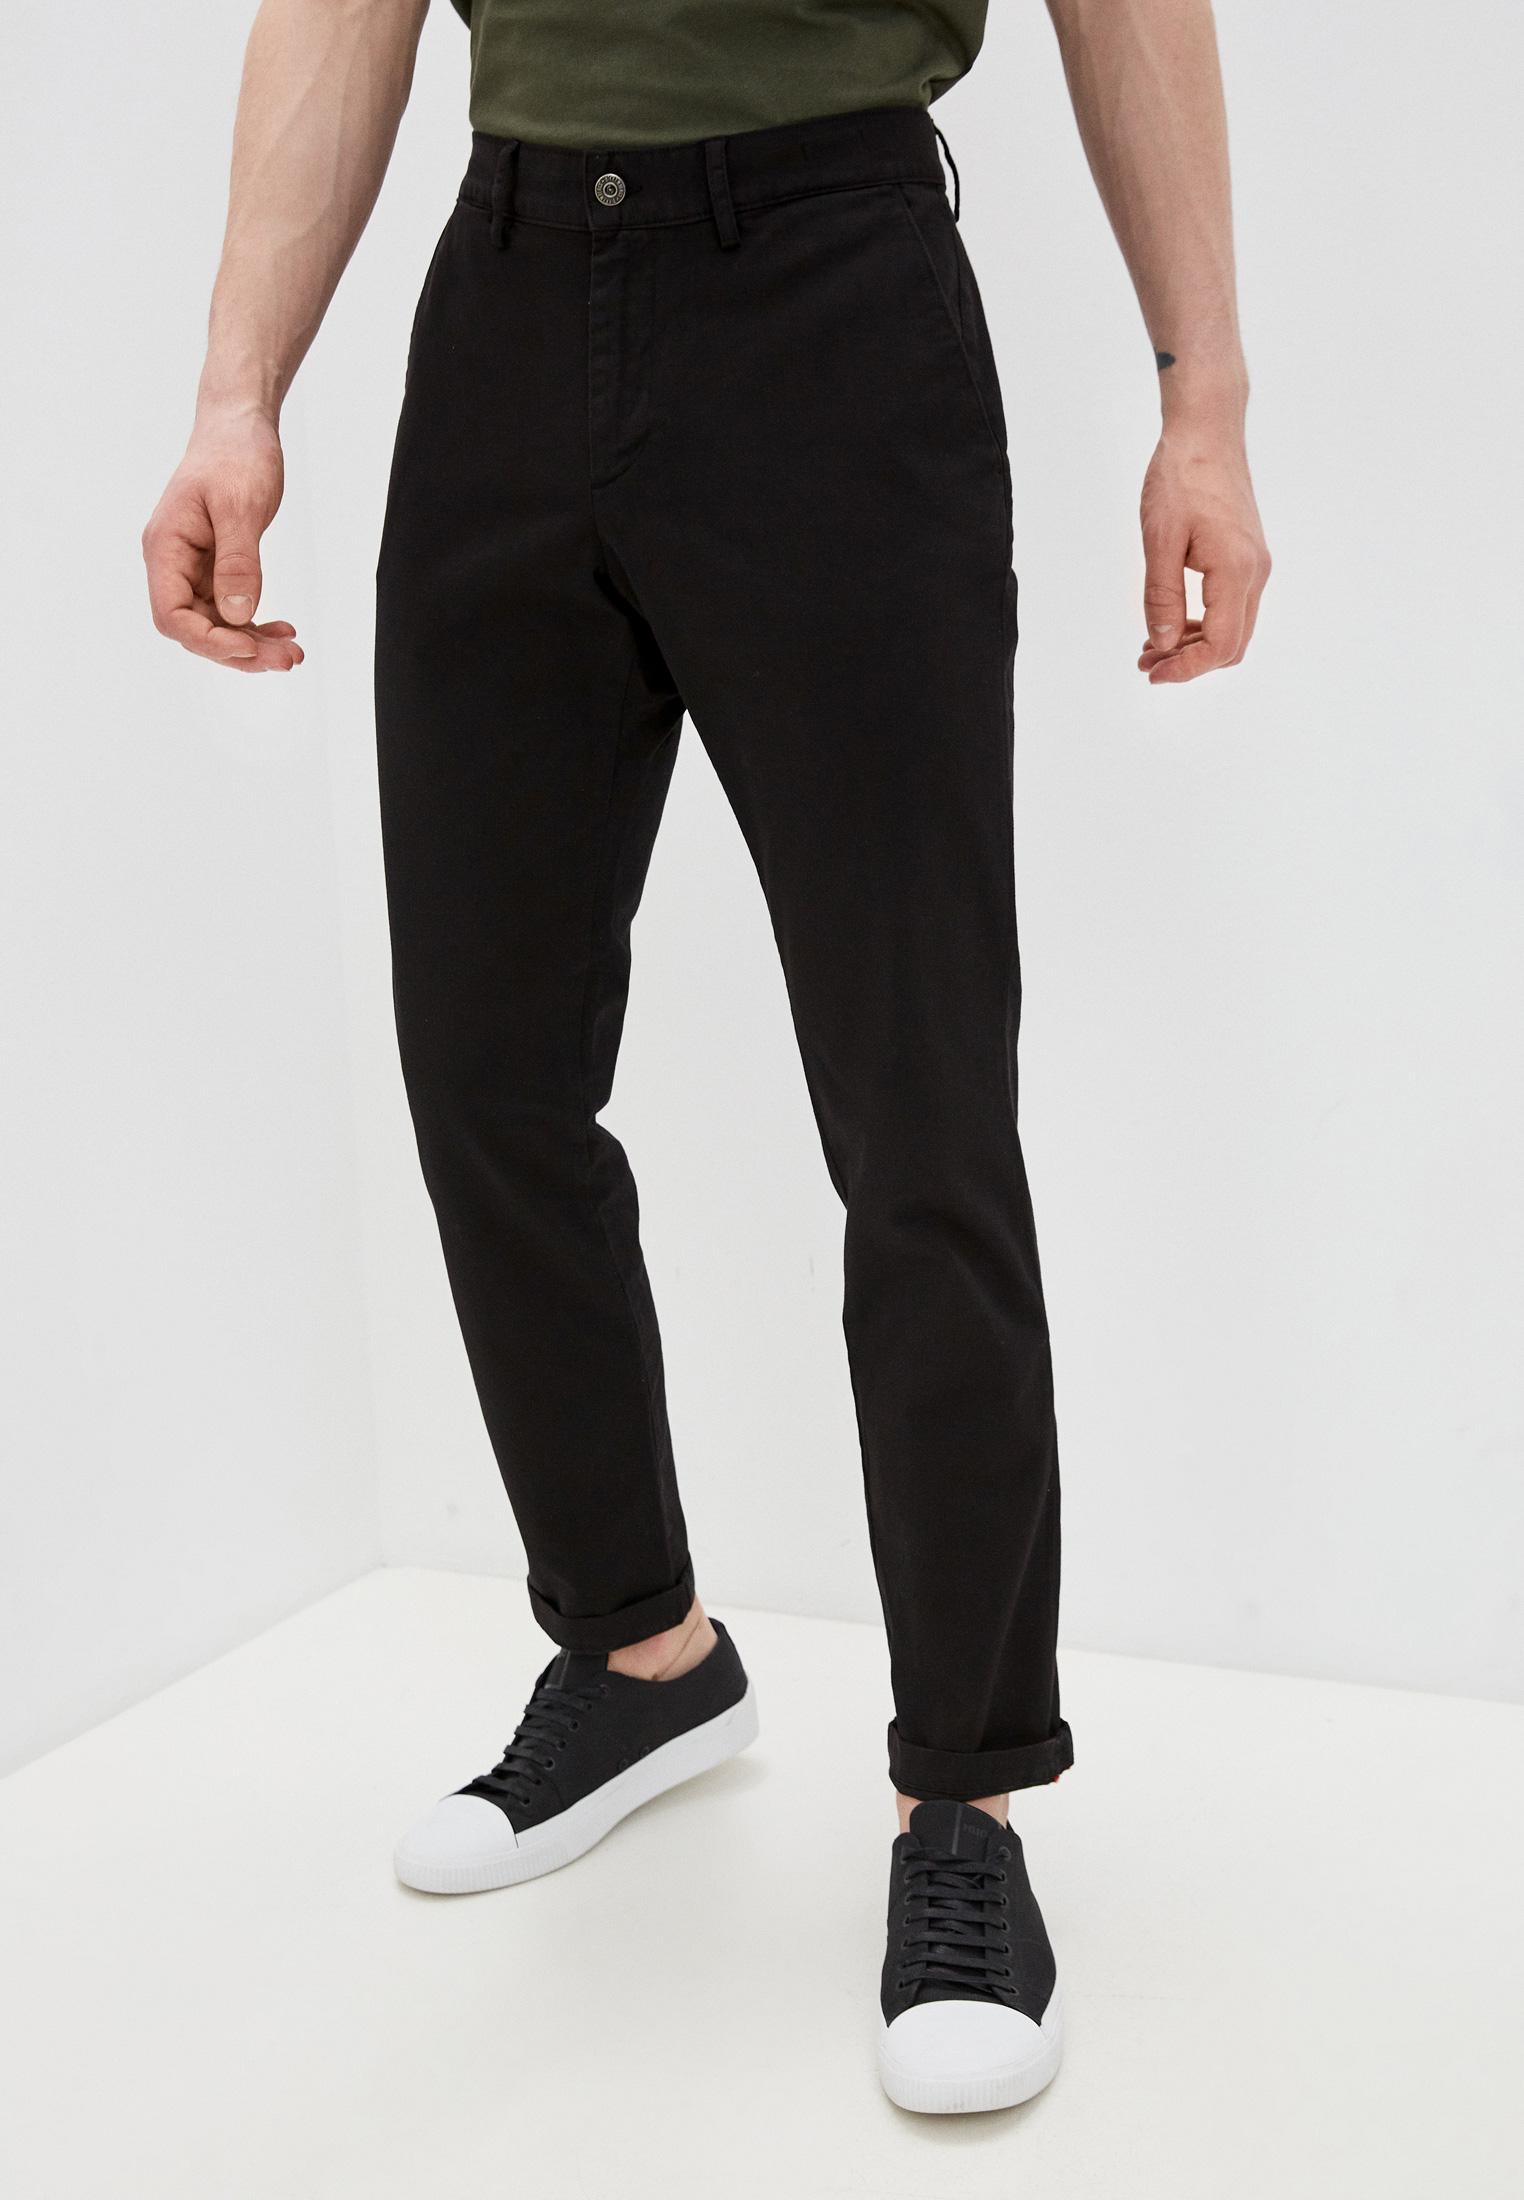 Мужские повседневные брюки Bikkembergs C P 001 01 S 3394